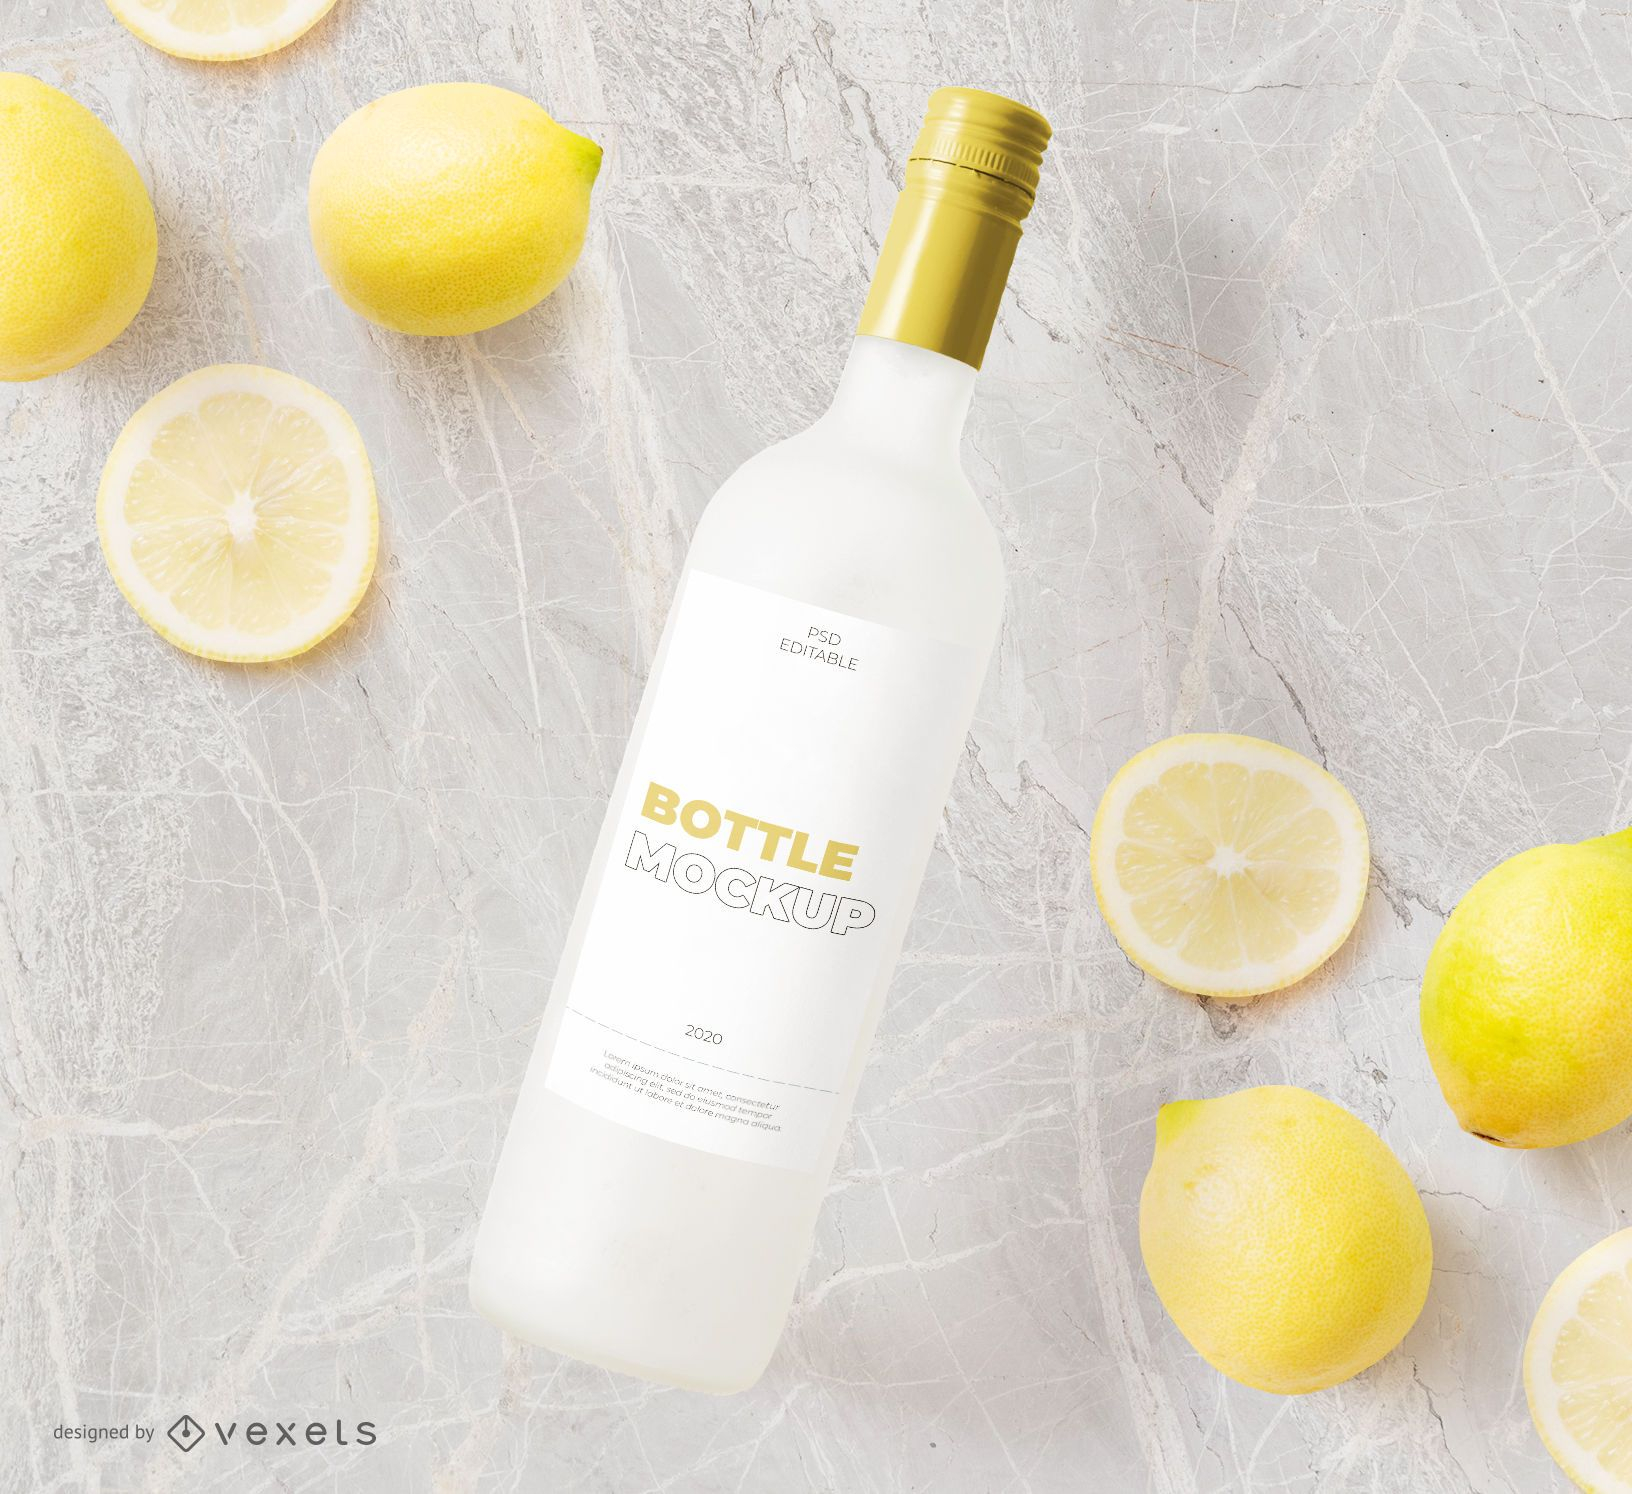 Composición de maqueta de botella y limones.